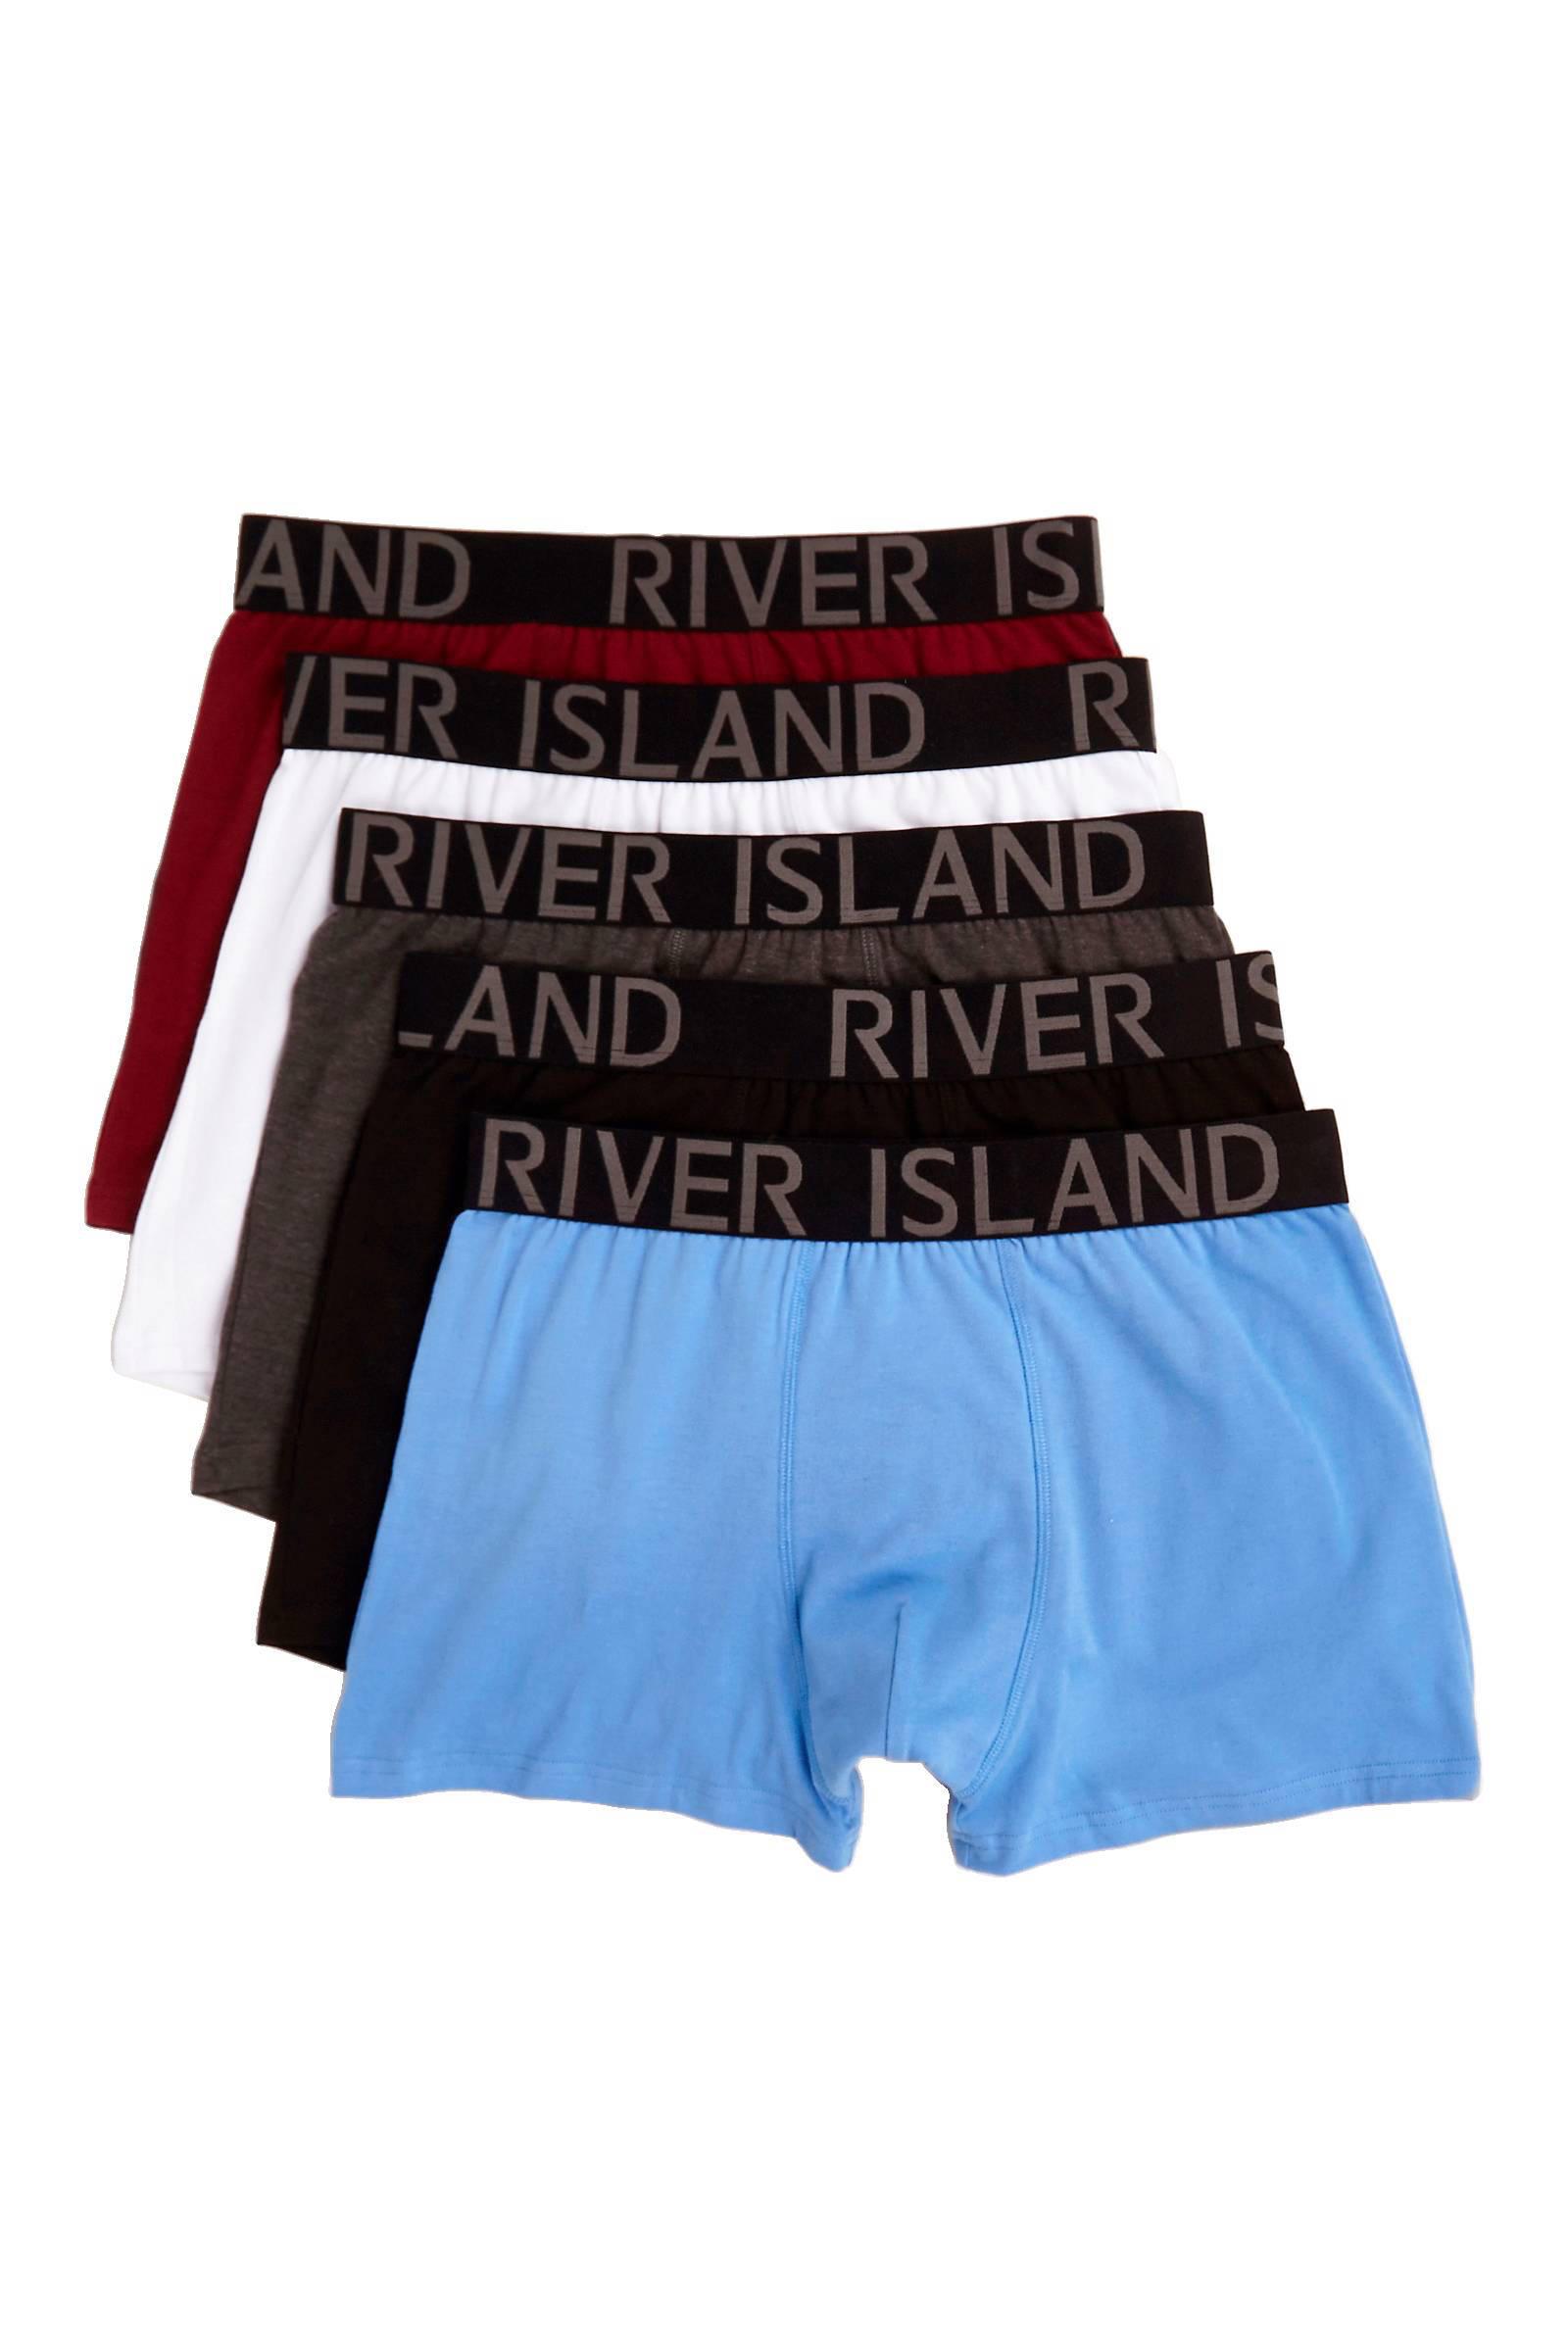 River Island heren ondergoed & pyjama's bij wehkamp Gratis